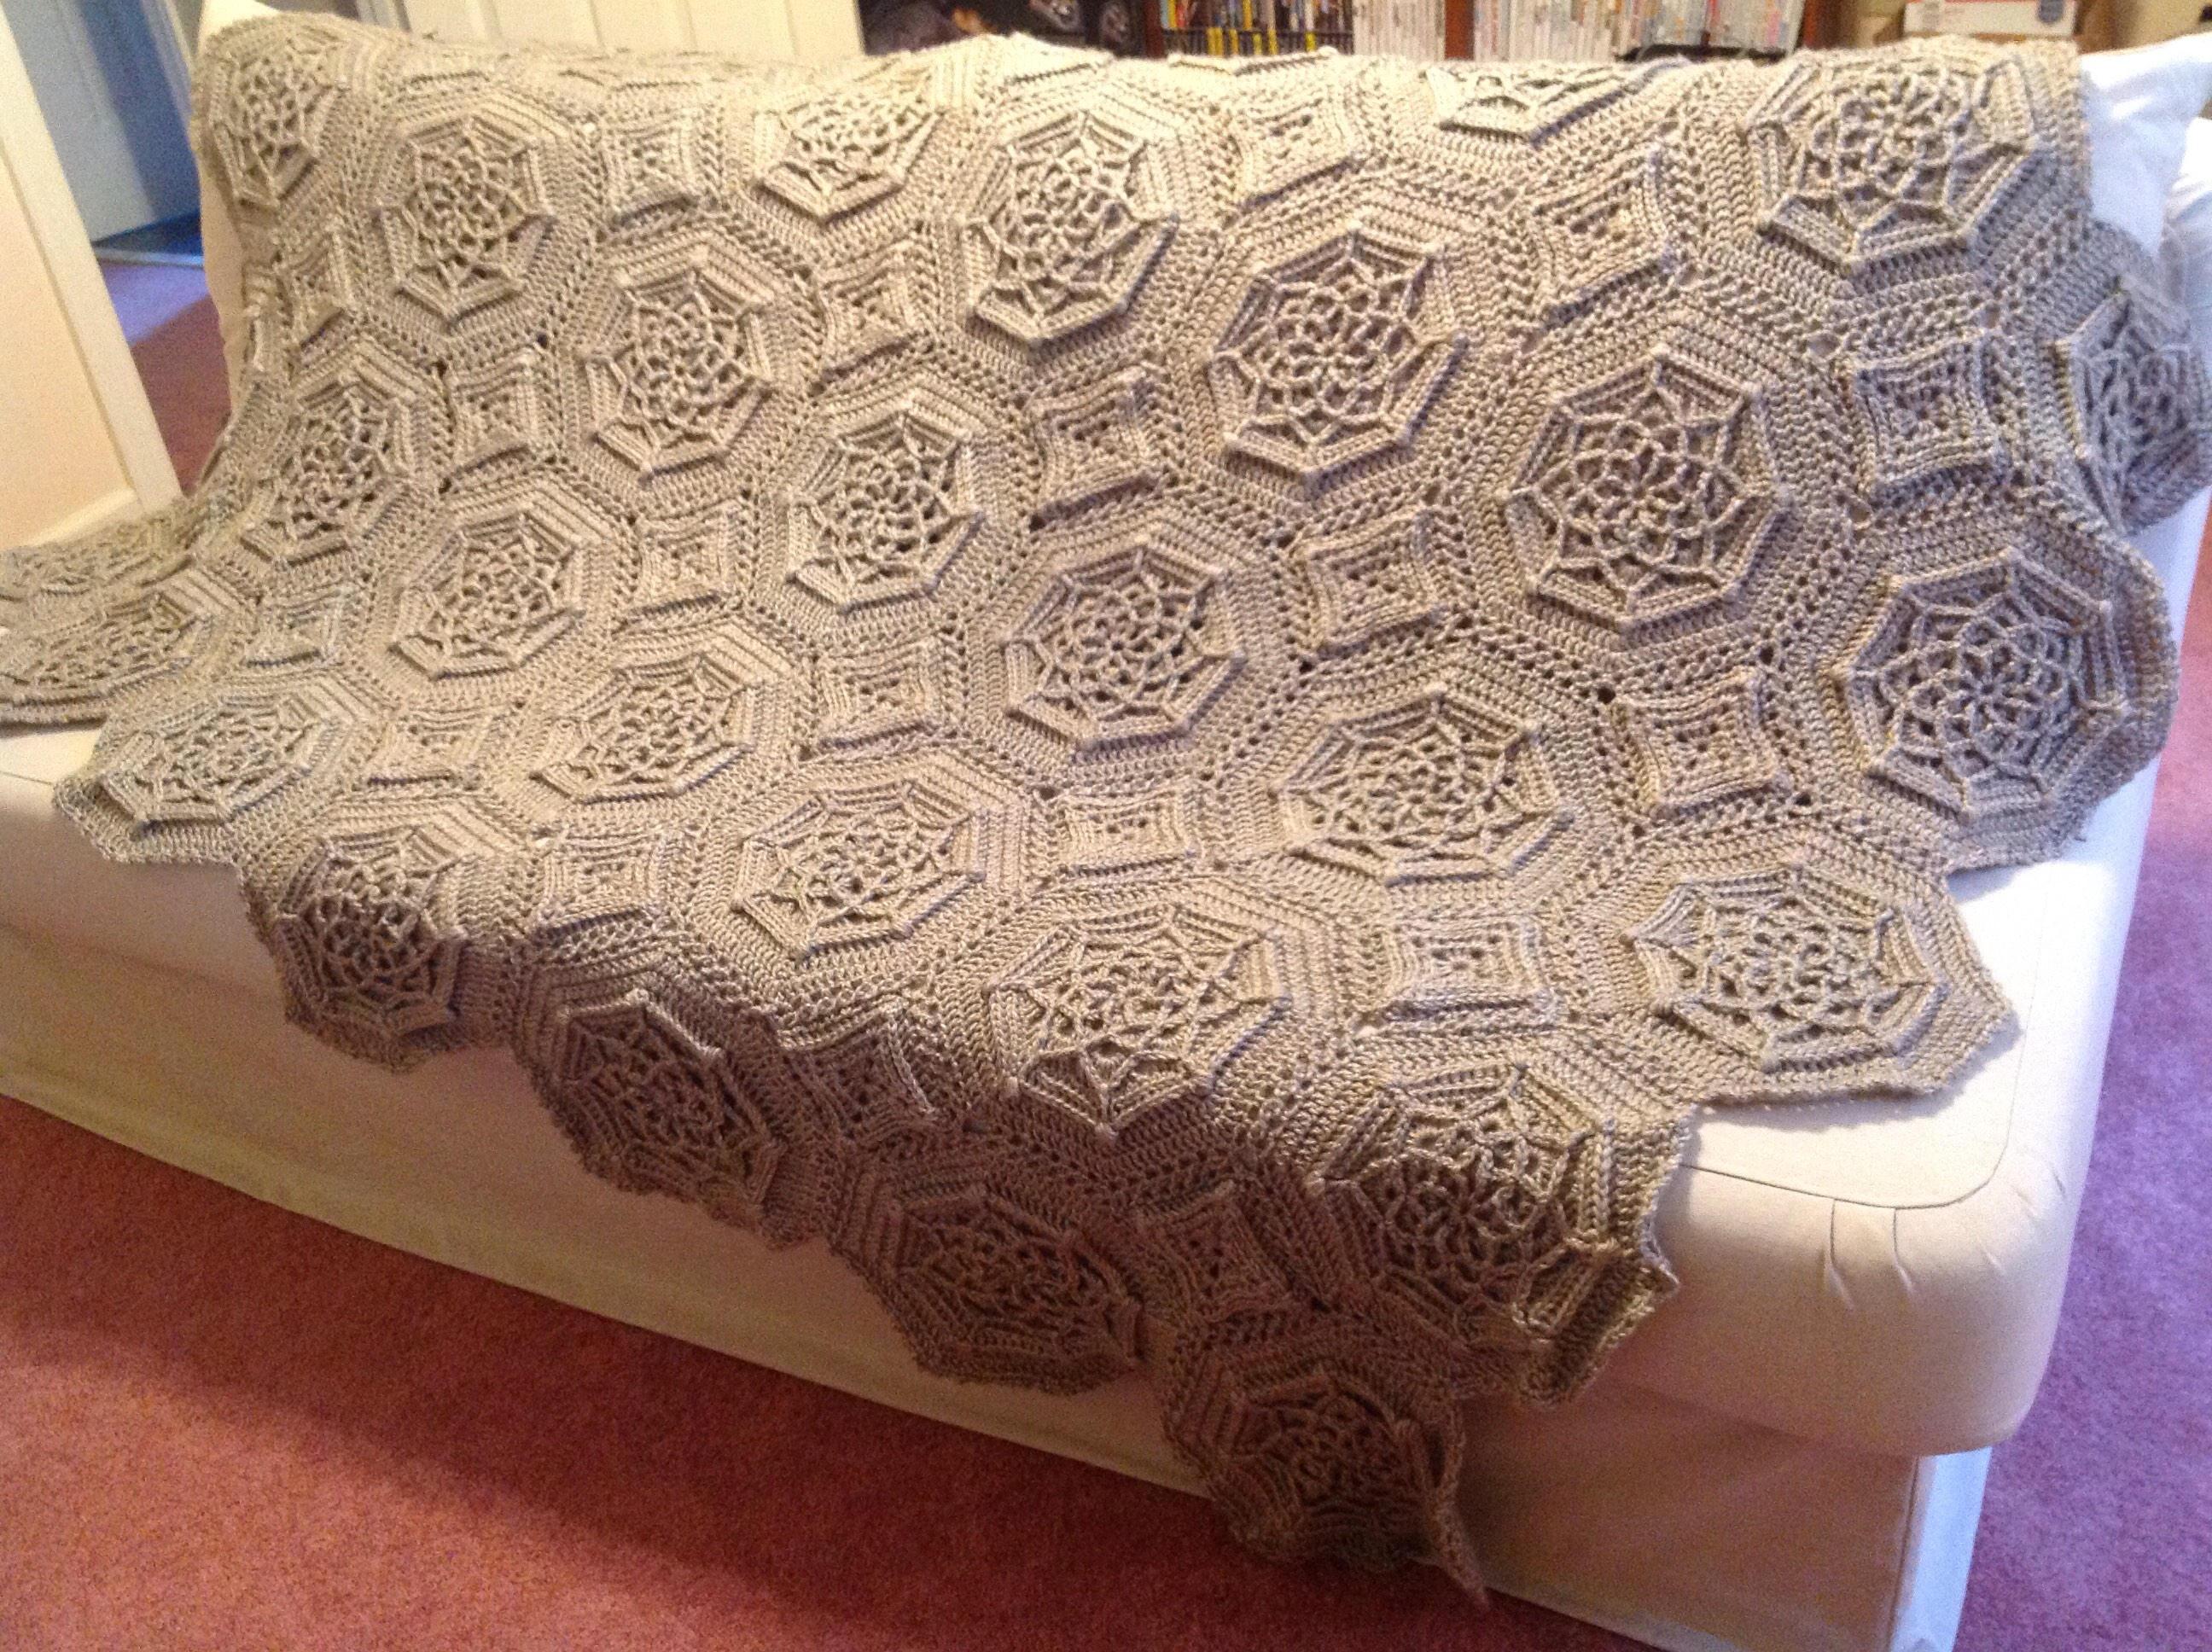 Matelasse Crochet Afghan / intricate pattern blanket